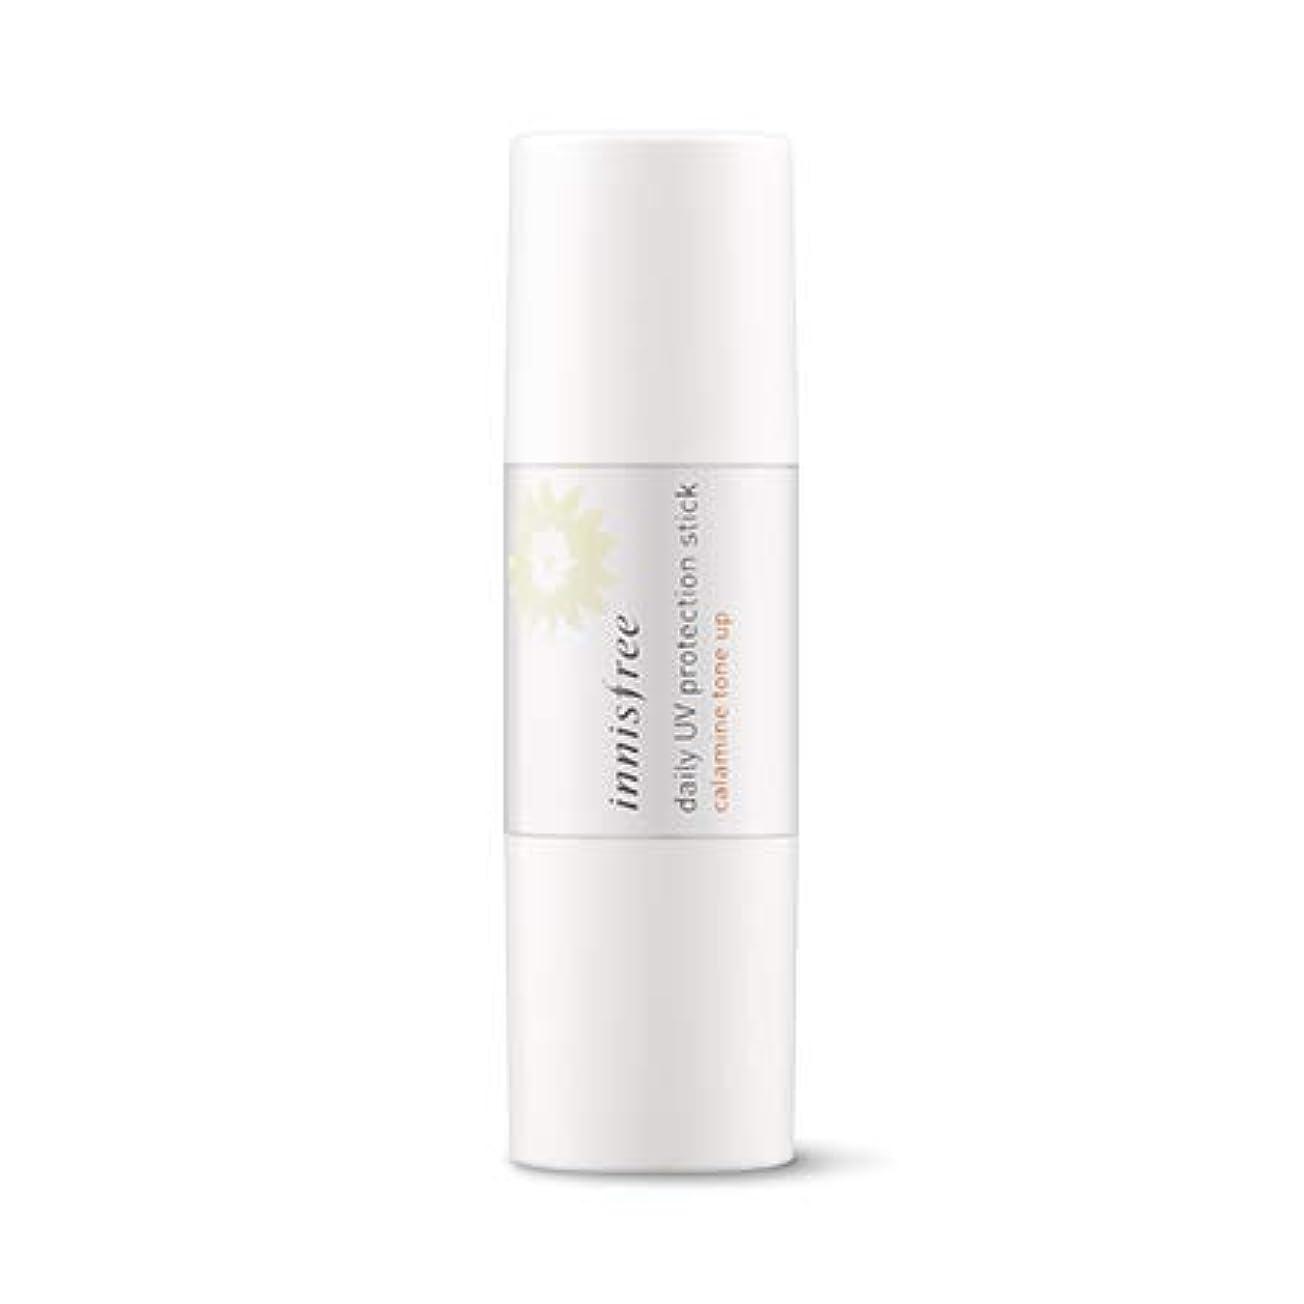 予防接種無駄だ夕暮れ【innisfree】デイリーUVプロテクションスティックカラミントンオプSPF50+ PA++++8g+線クレンジングティッシュ(20枚)/ Daily UV Protection Stick Calamine Tone up SPF50+ PA+++++ sun cleansing tissue(20sheet)